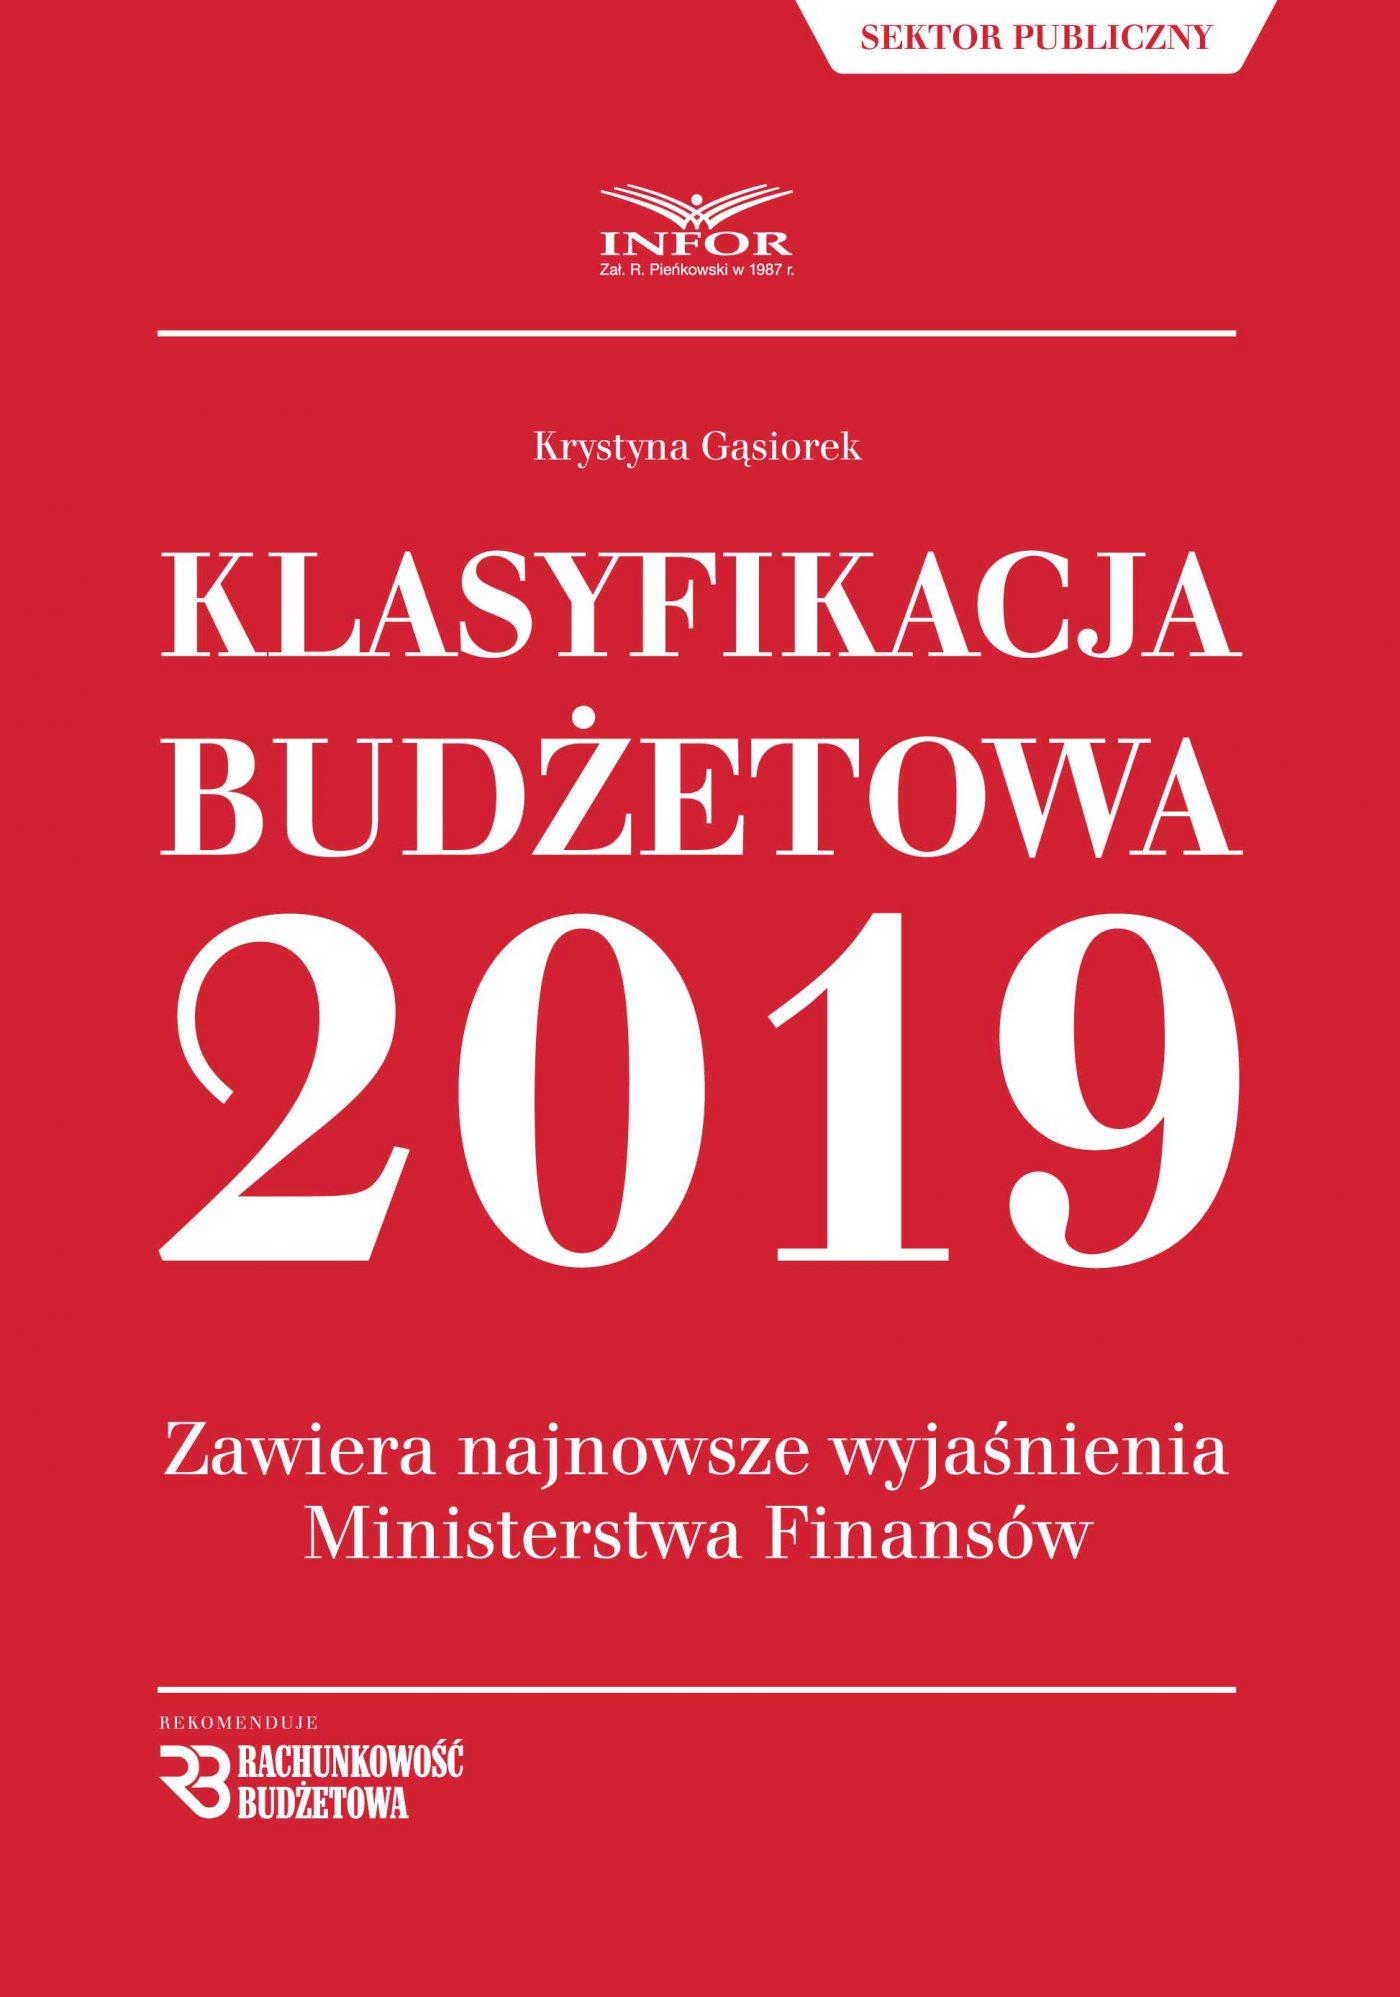 Klasyfikacja budżetowa 2019. Zawiera najnowsze wyjaśnienia Ministerstwa Finansów - Ebook (Książka PDF) do pobrania w formacie PDF